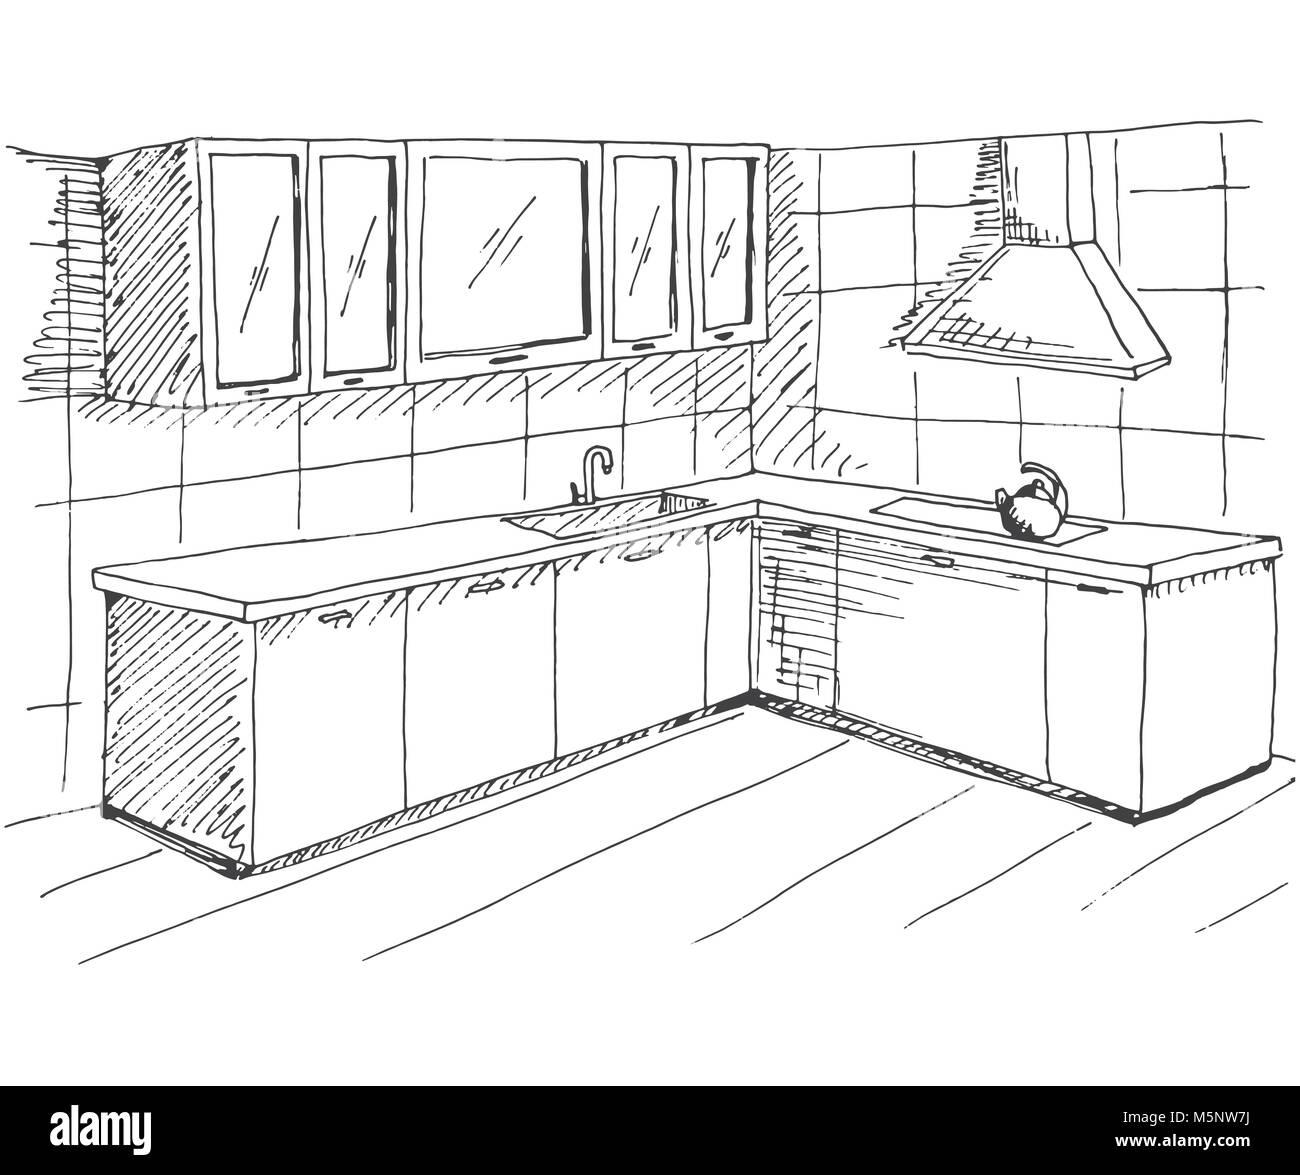 Mano Bozzetto Dell Interno Disegno Rapido Di Mobili Da Cucina Illustrazione Vettoriale Nel Disegno Stile Immagine E Vettoriale Alamy